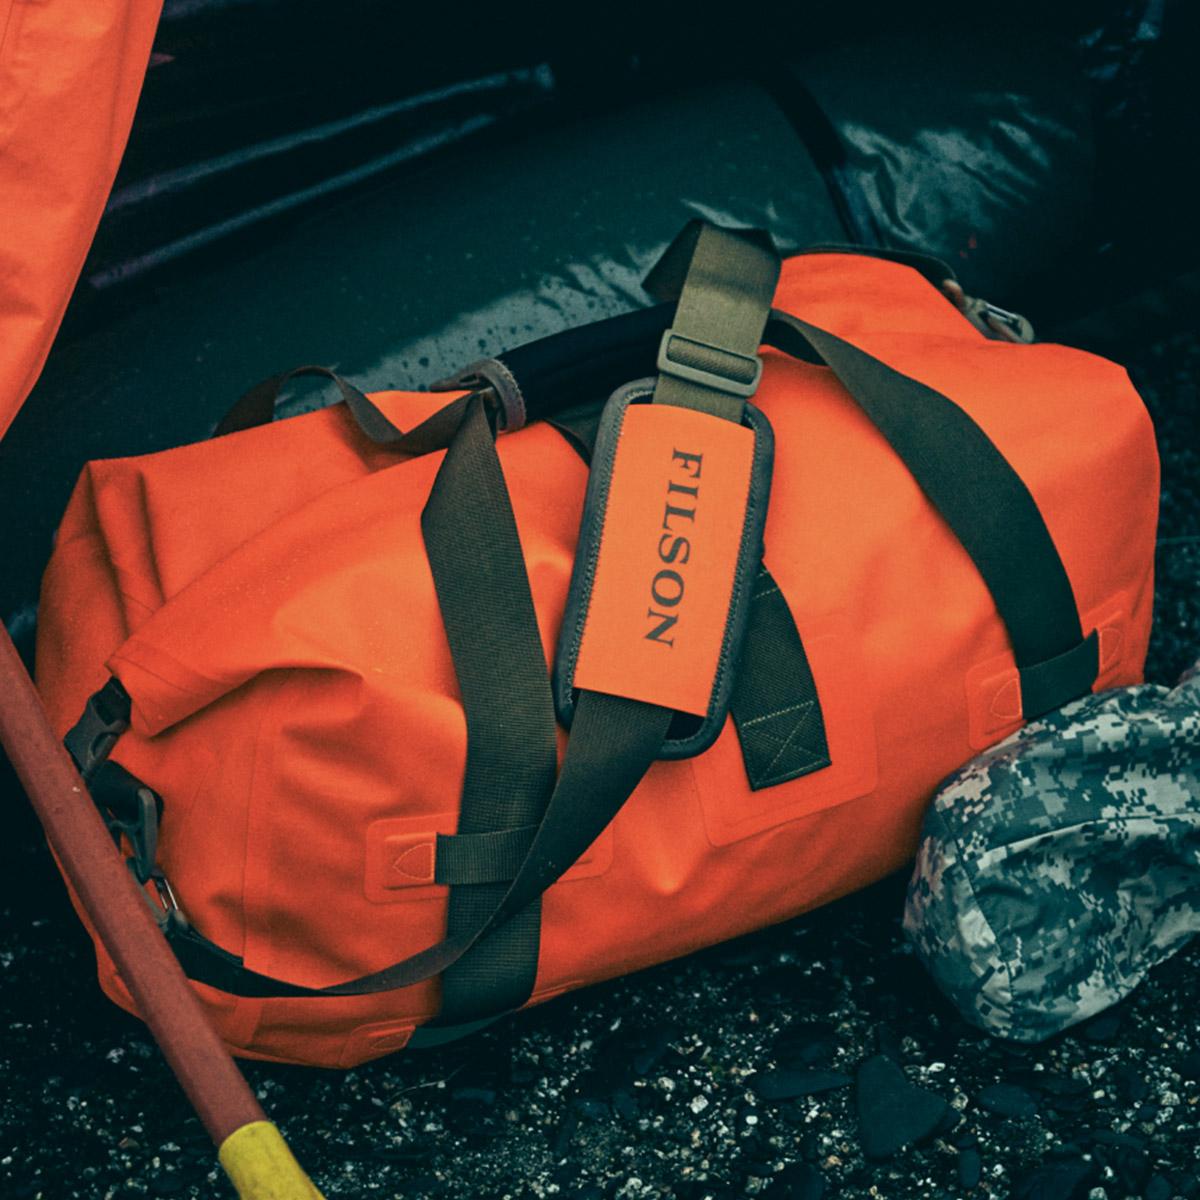 Filson Dry Duffle Bag Medium Flame, hält Ihre Ausrüstung bei jedem Wetter trocken, selbst wenn sie vollständig unter Wasser gebracht wird